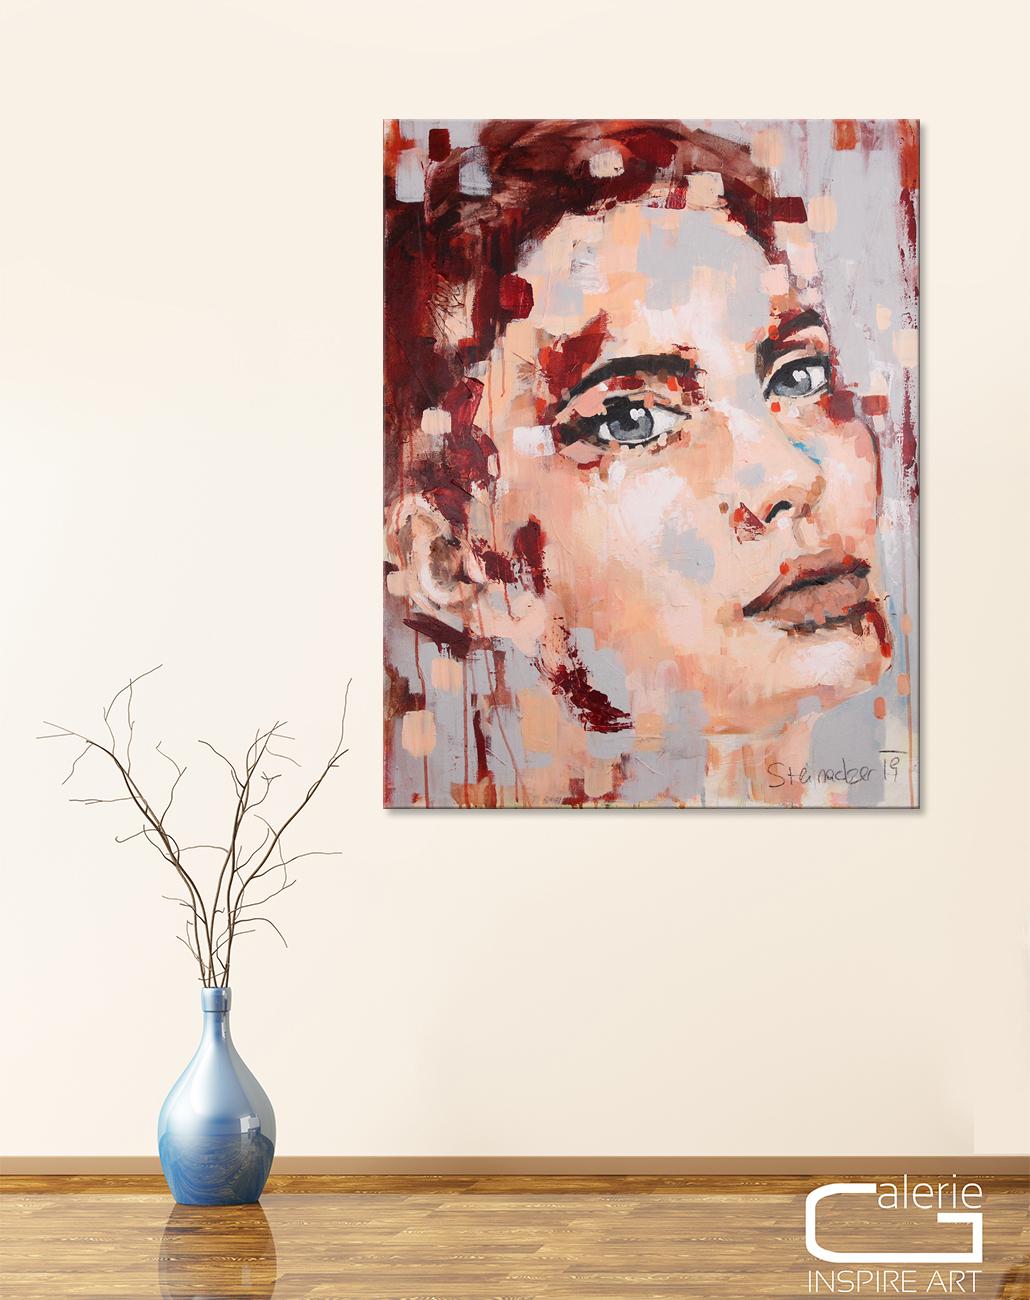 Leinwandbilder- Gemälde Kunststil